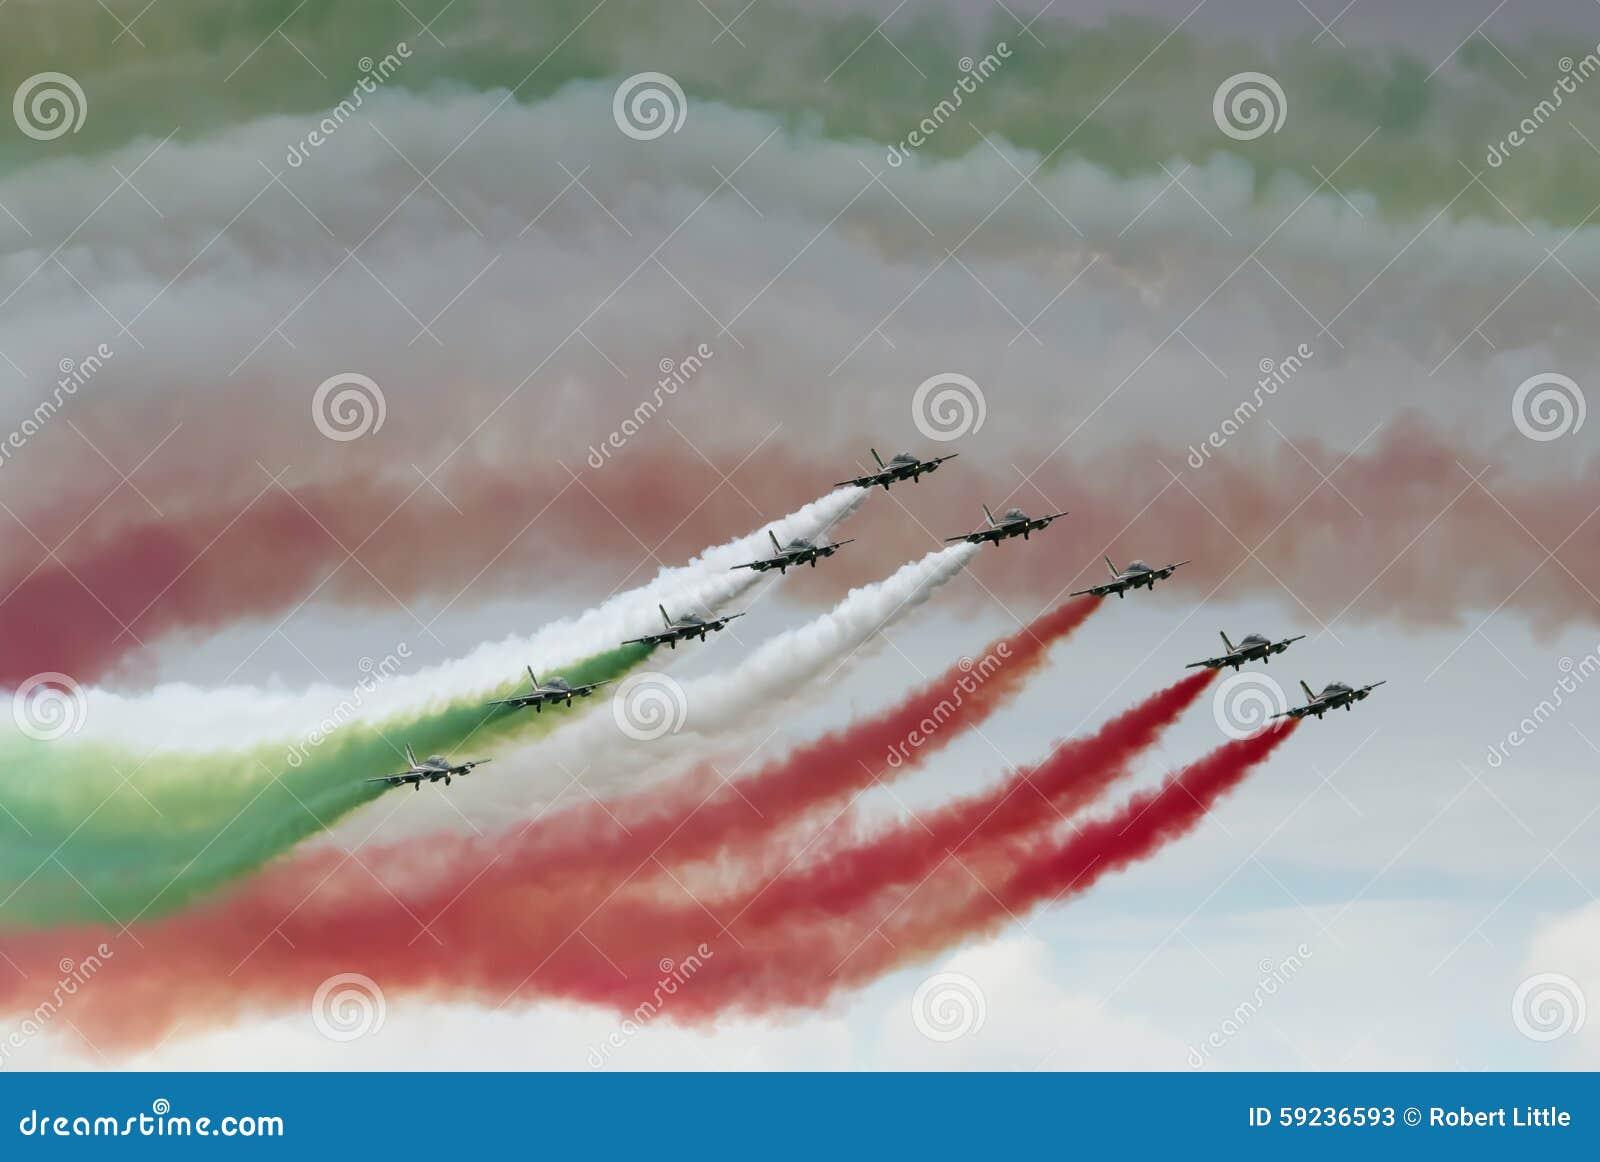 Download Flechas rojas italianas imagen de archivo. Imagen de visualización - 59236593